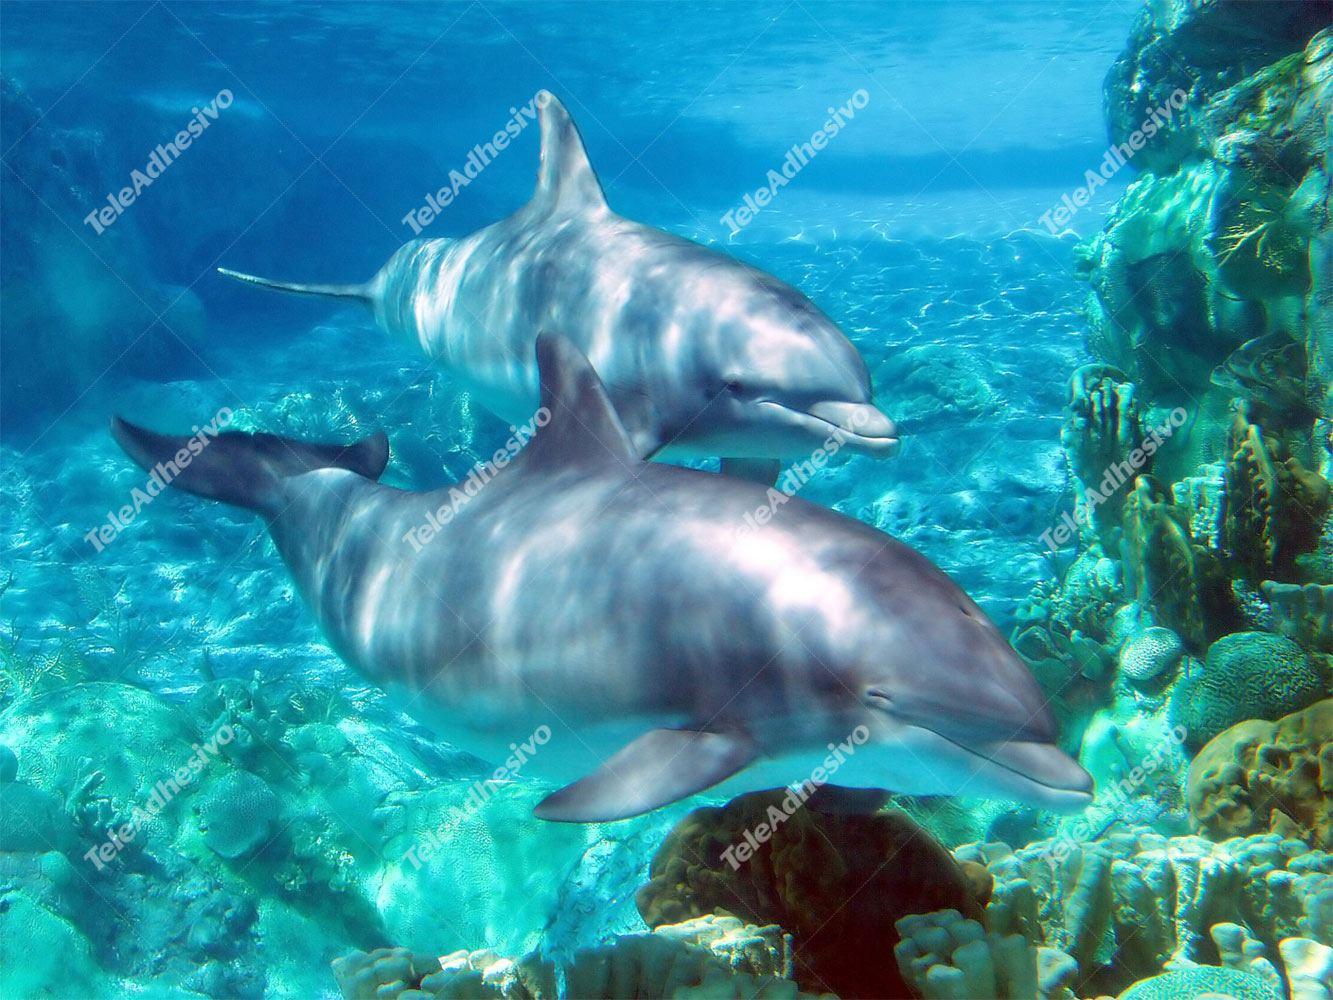 Fototapeten: Dolphins